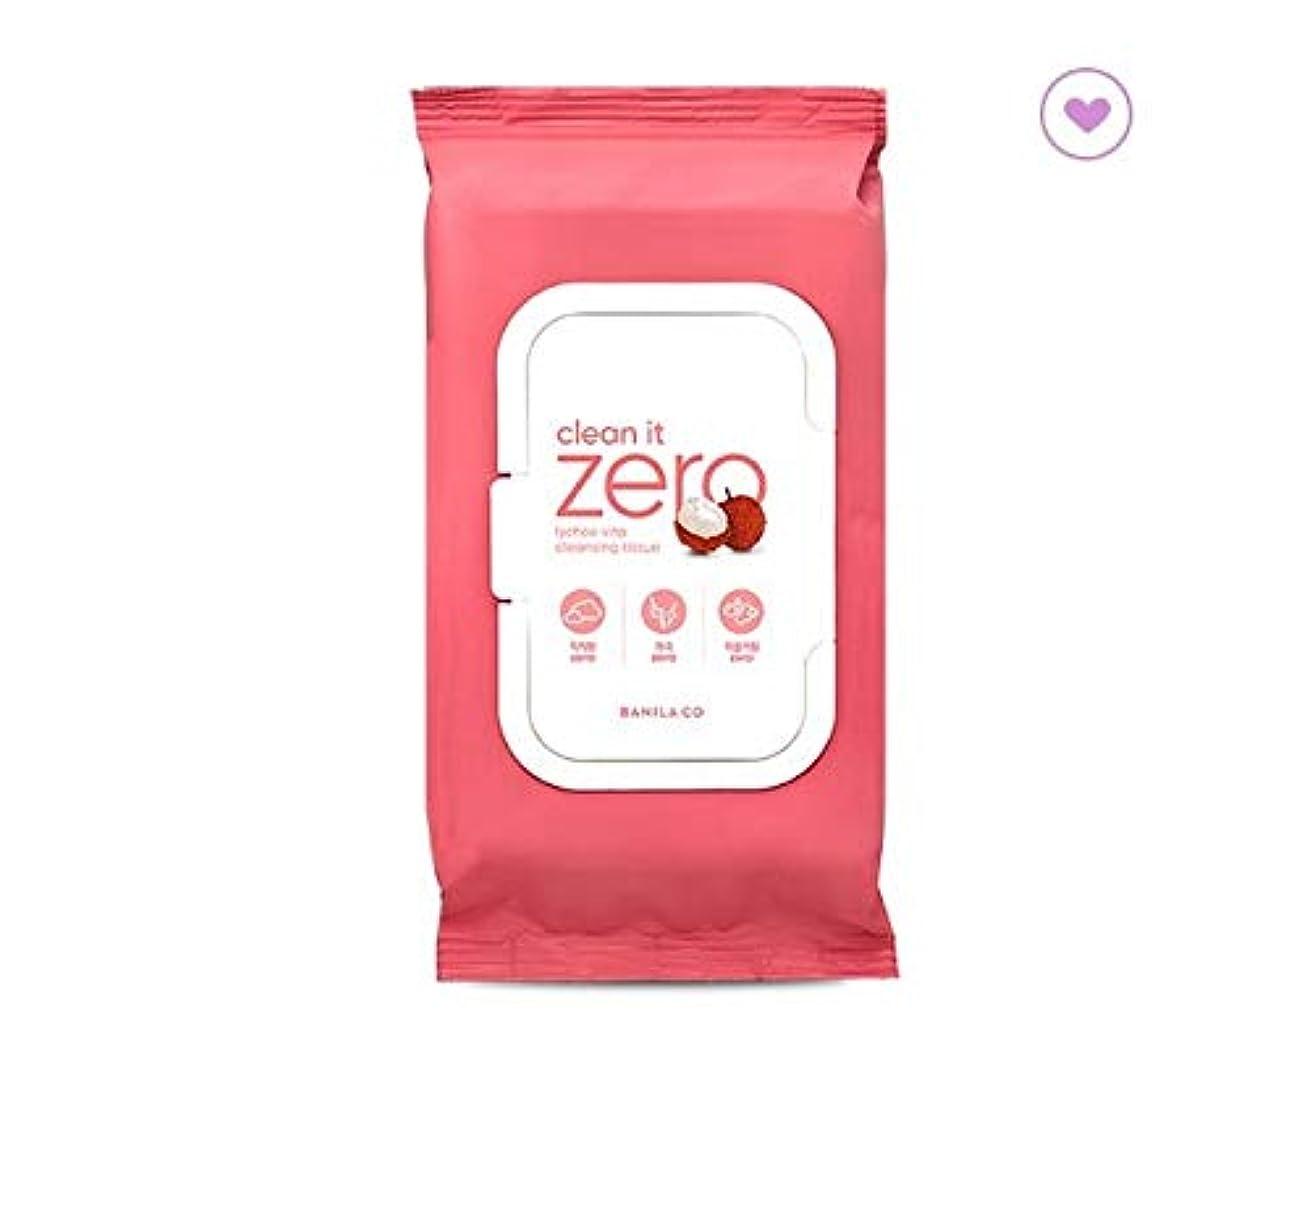 必需品製造業殉教者banilaco クリーンイットゼロライチヴィータクレンジングティッシュ80枚 / Clean It Zero Lychee Vita Cleansing Tissue 80 sheets (430g) [並行輸入品]